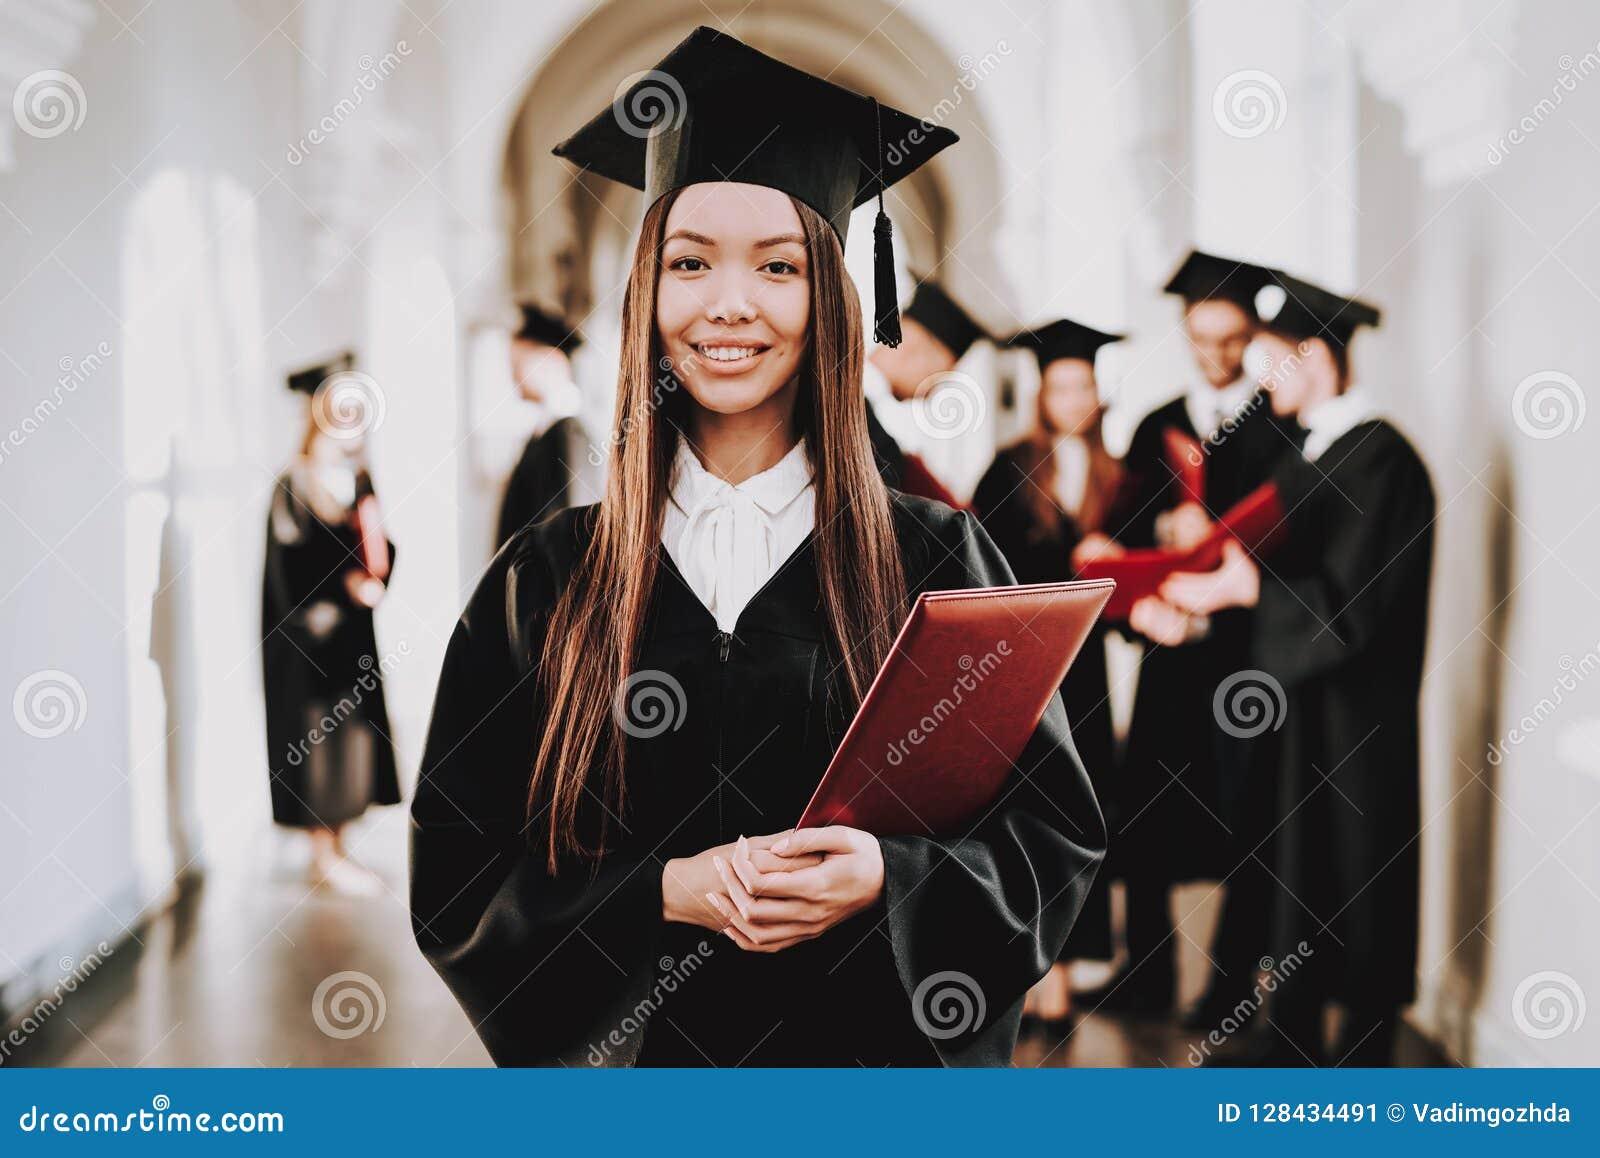 Aziatisch Meisje status Gang universiteit robes